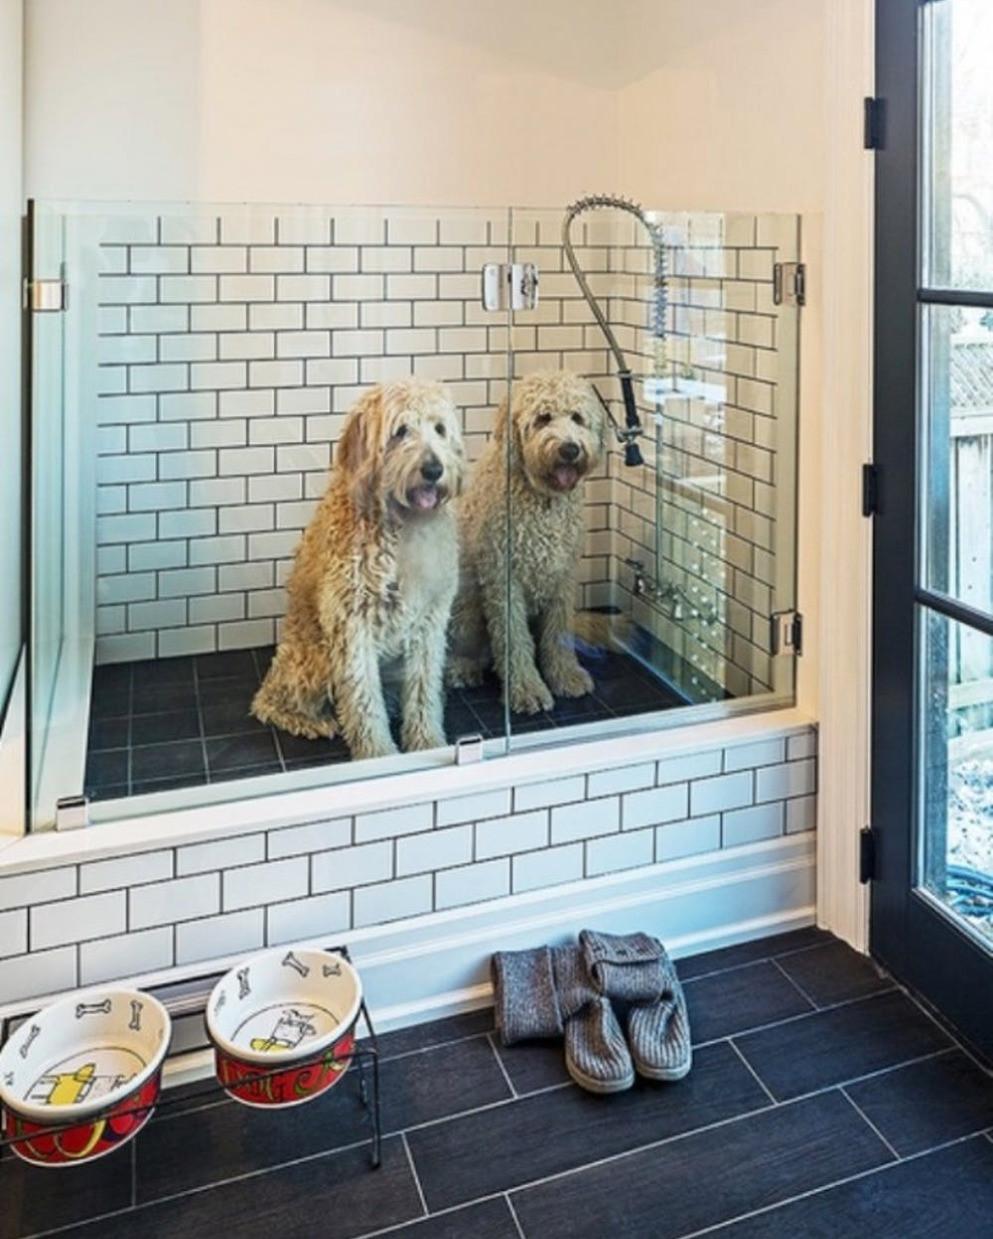 Kodinhoitohuoneen ulko-oven viereen on rakennettu koirien pesupiste. Se on muuta lattiaa korkeammalla, jolloin peseminen on helpompaa. Lasiset portit pitävät koirat suihkussa.